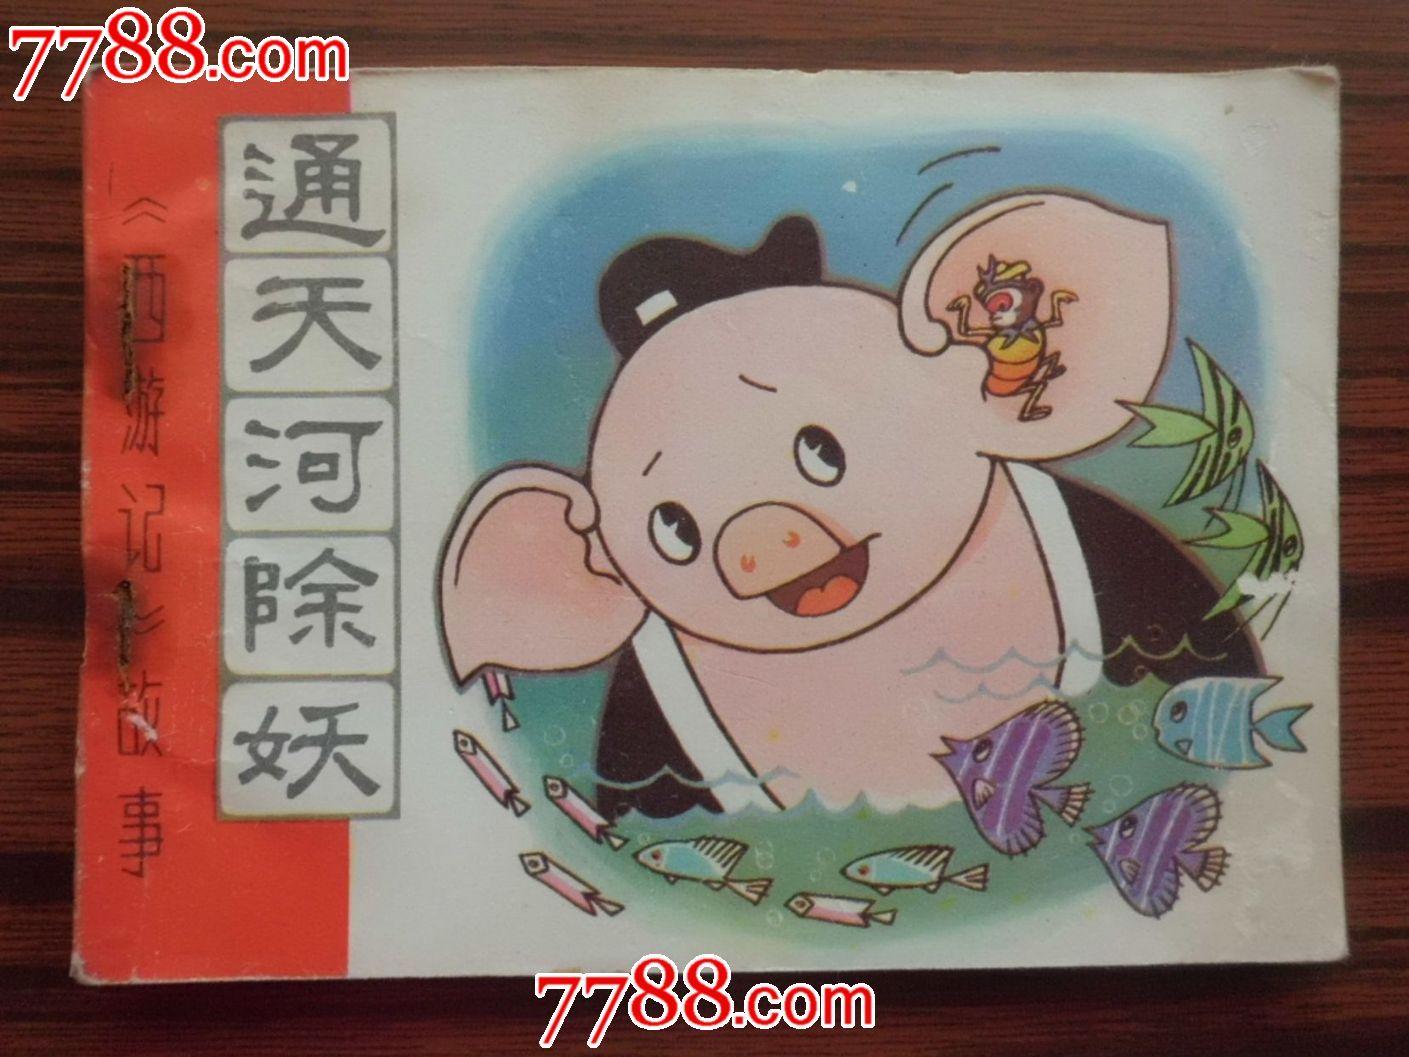 通天河除妖(西游记故事)图片